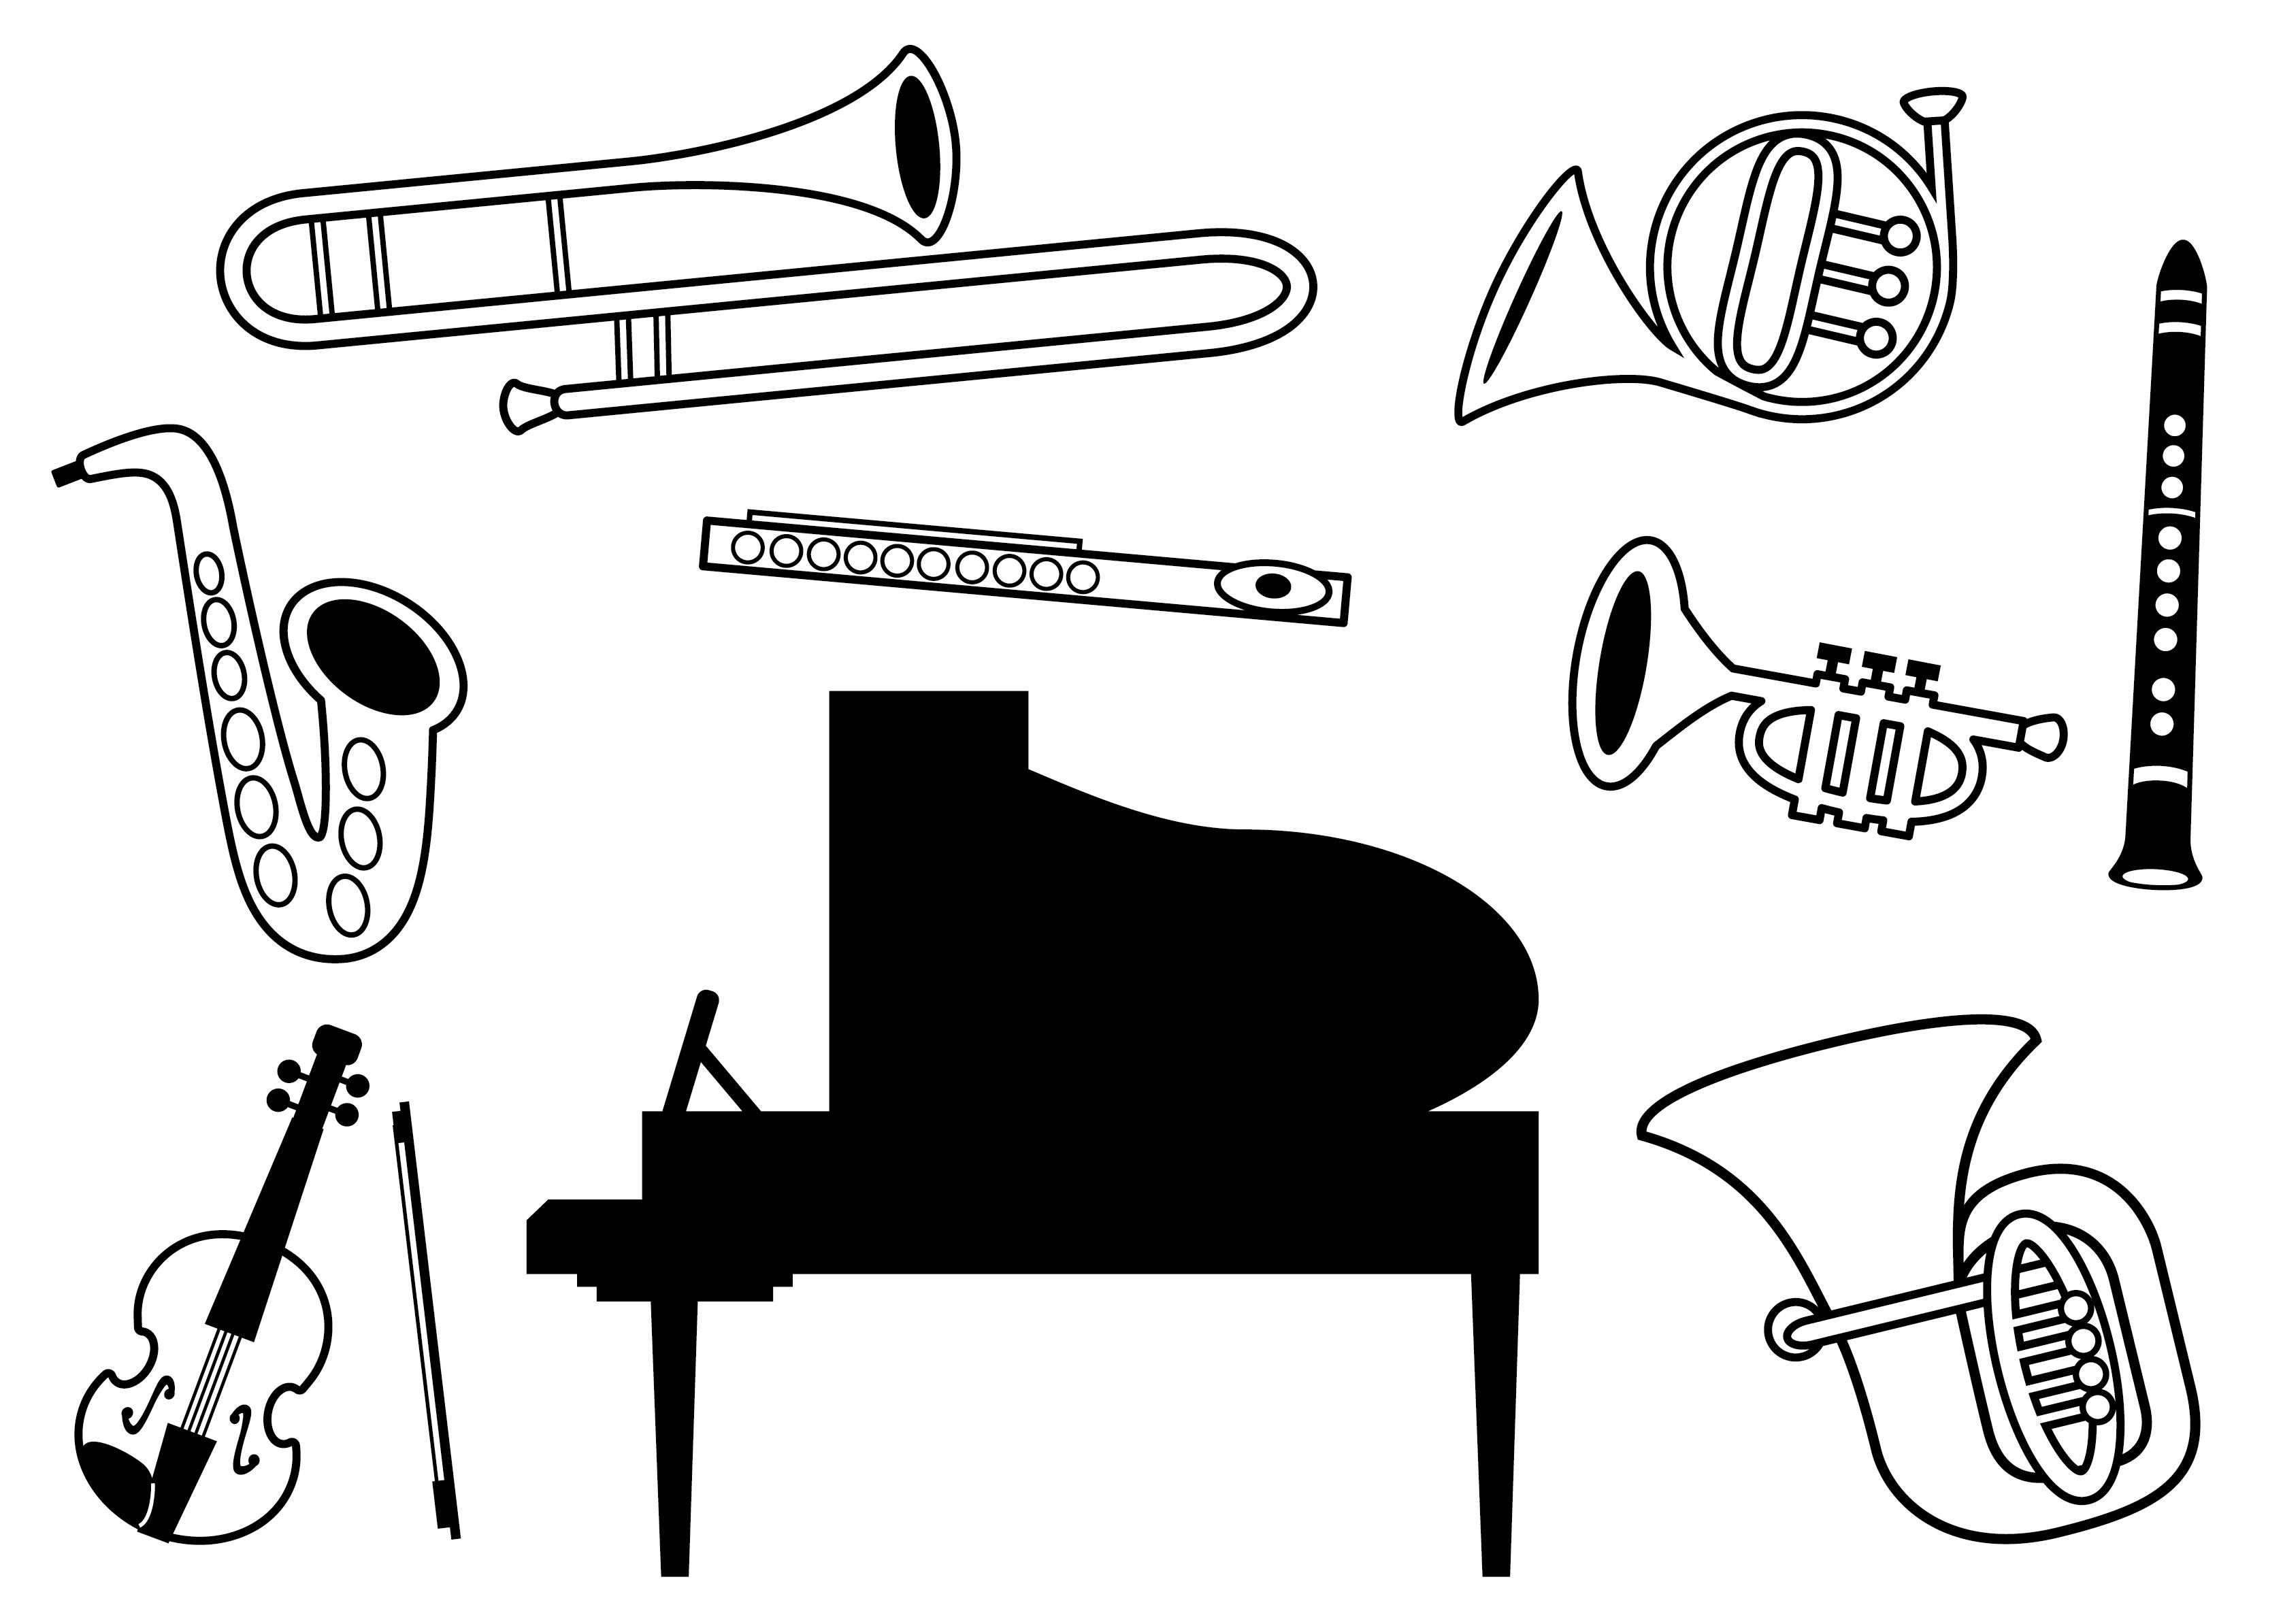 【満員御礼♪】小田全宏のアクティブ的楽器演奏上達法講座